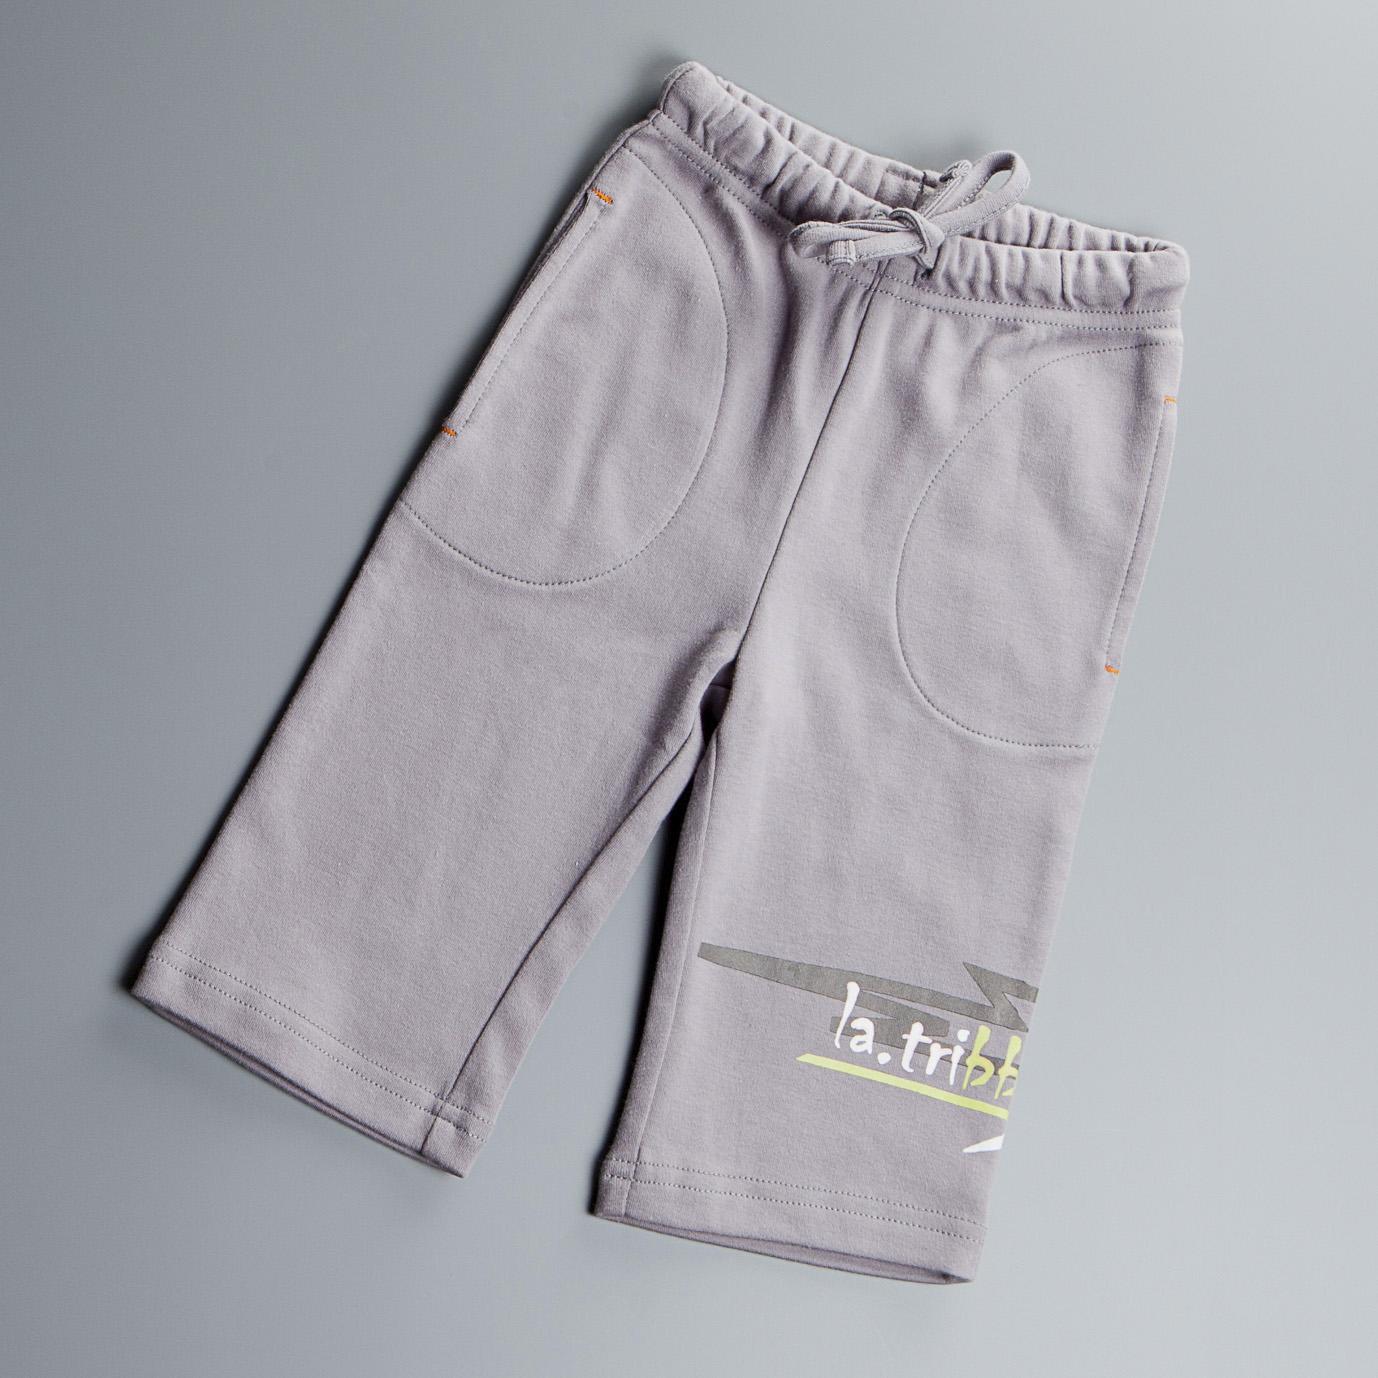 Pantalon taille élastique confort garçon